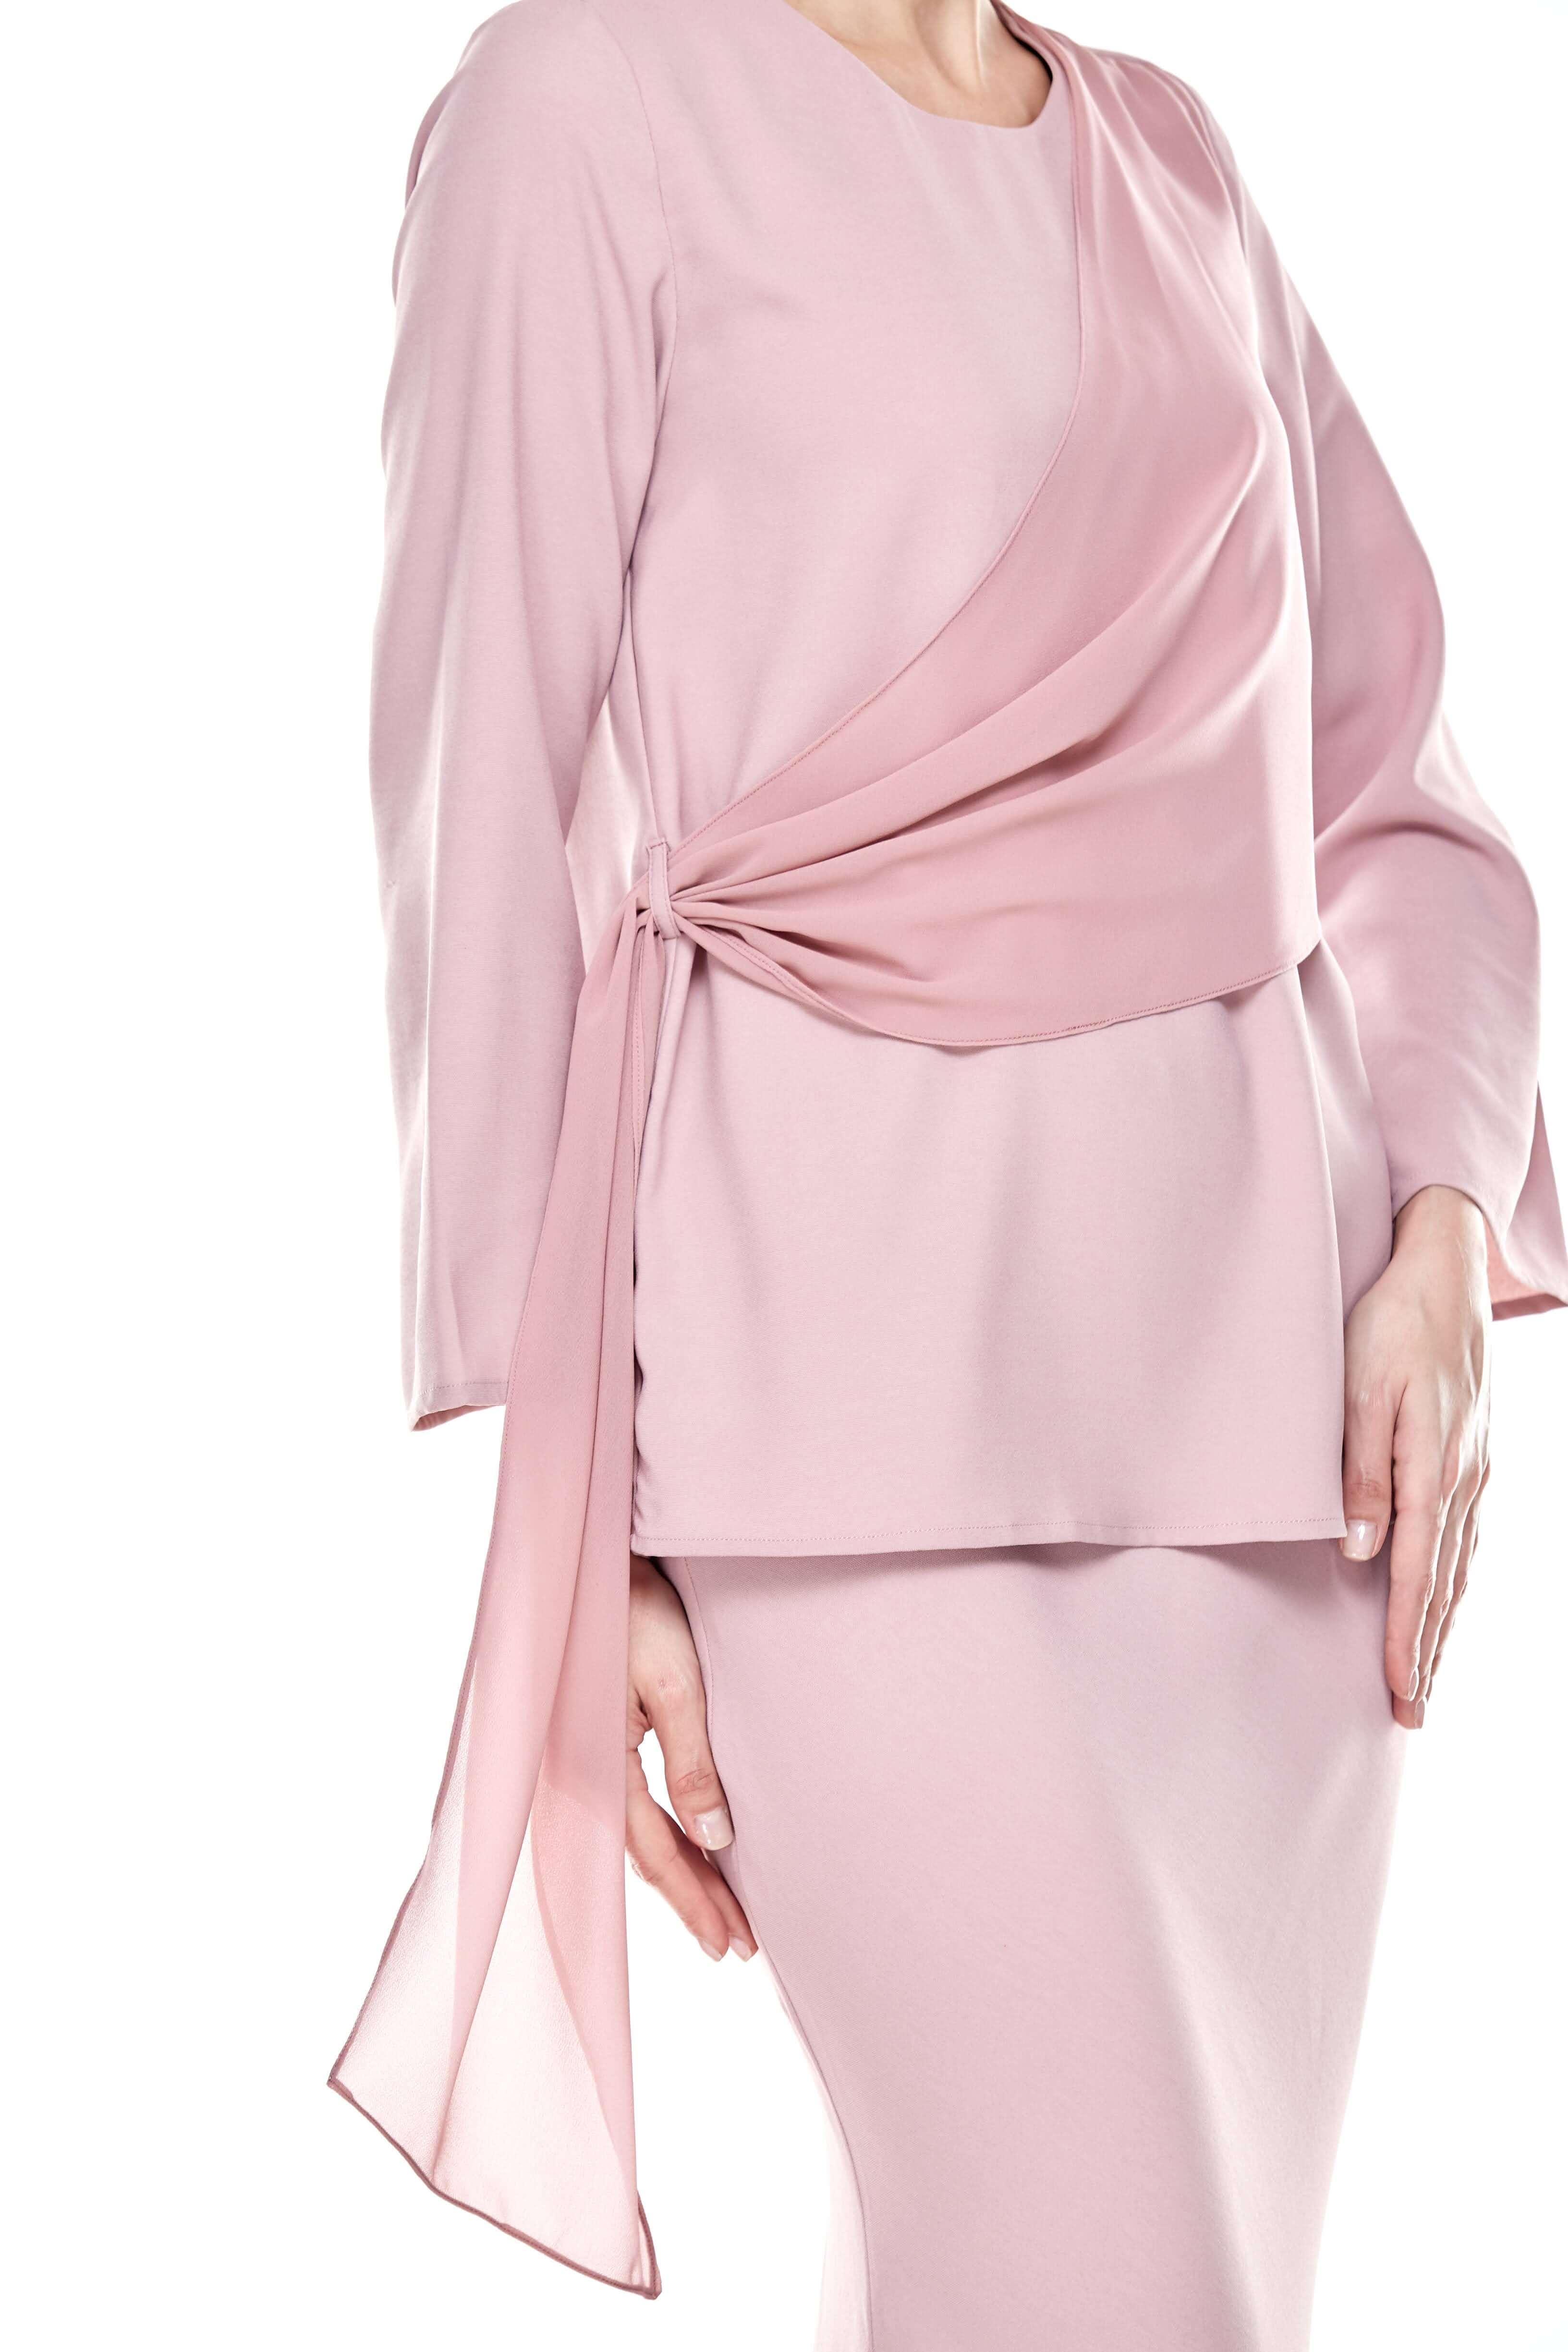 Rose Dawn Pink Sash Blouse (2)